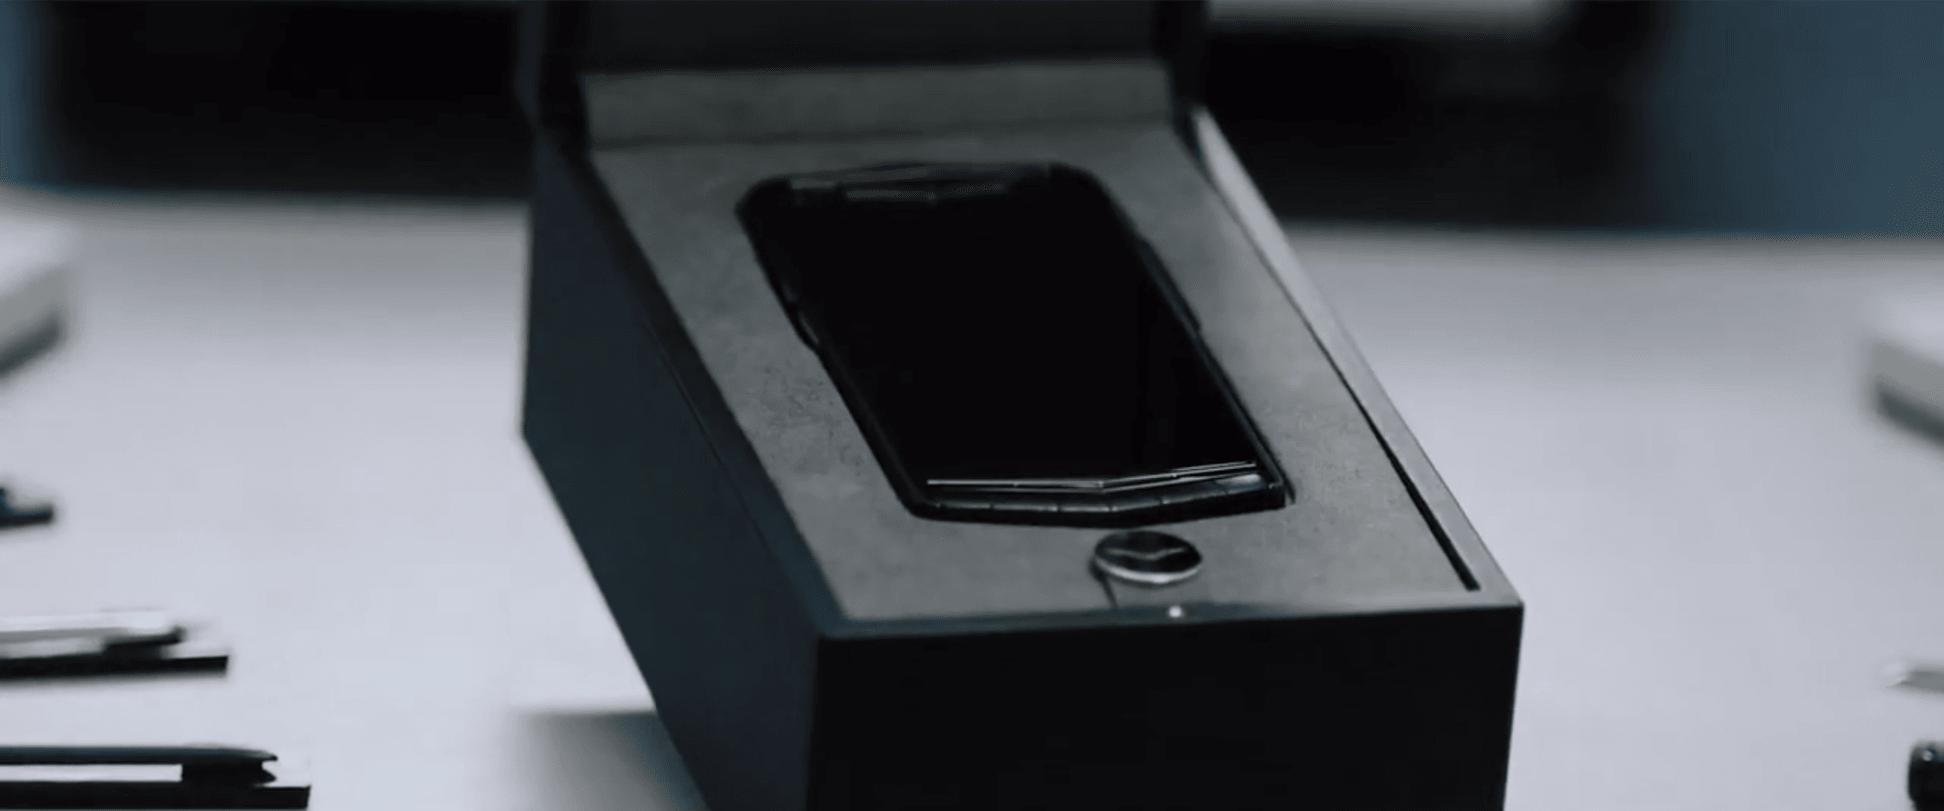 Tabletowo.pl Myślałem, że Vertu jest martwe, a tu zaskoczenie: firma ogłasza wydanie nowego nieprzyzwoicie drogiego smartfona Nowości Producenci Smartfony